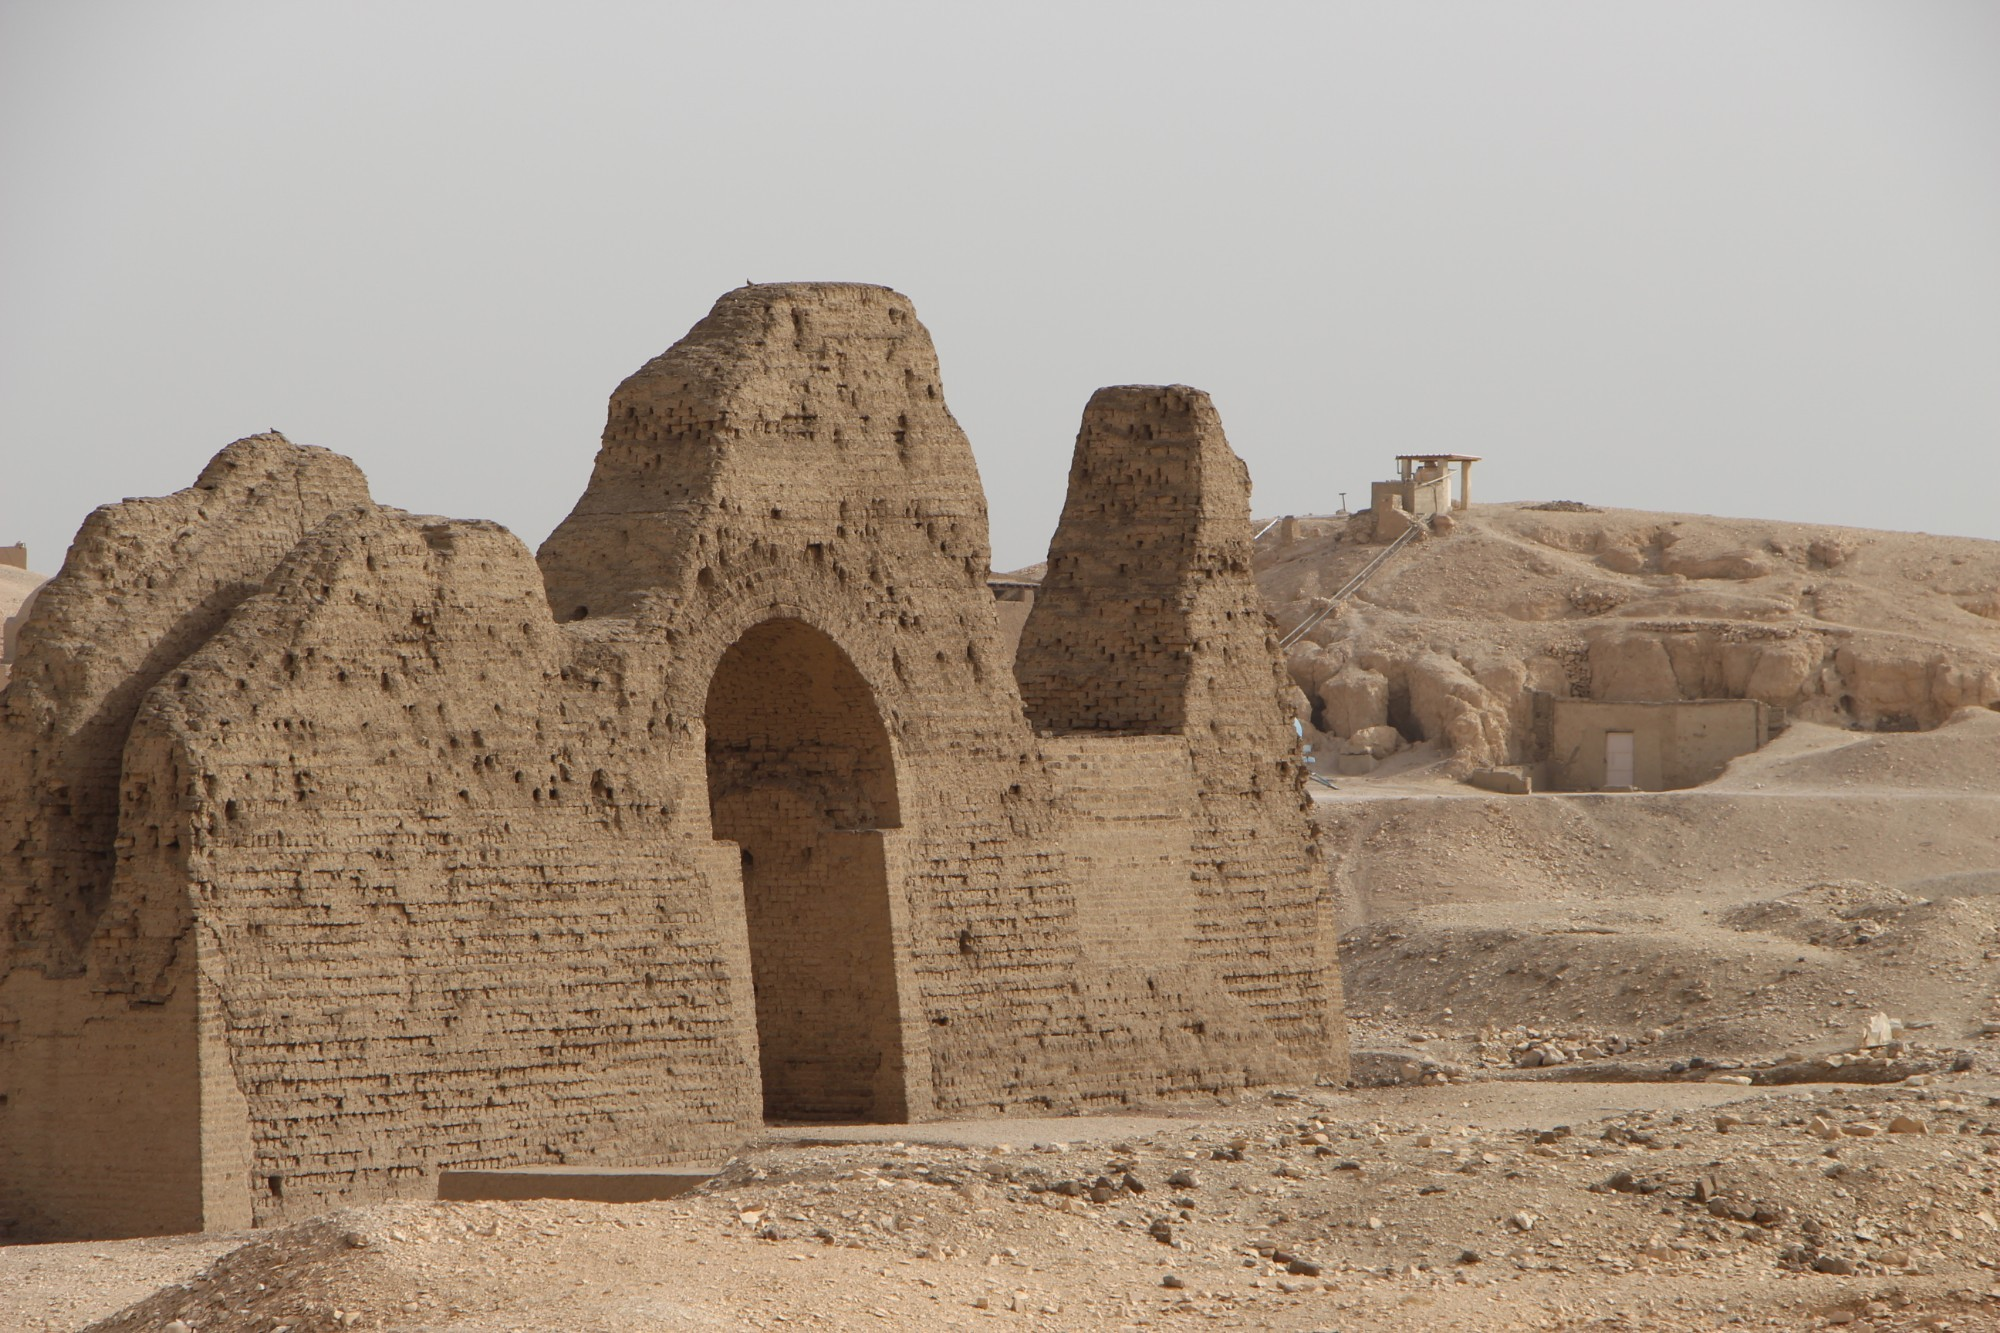 Египет фото достопримечательностей с описанием